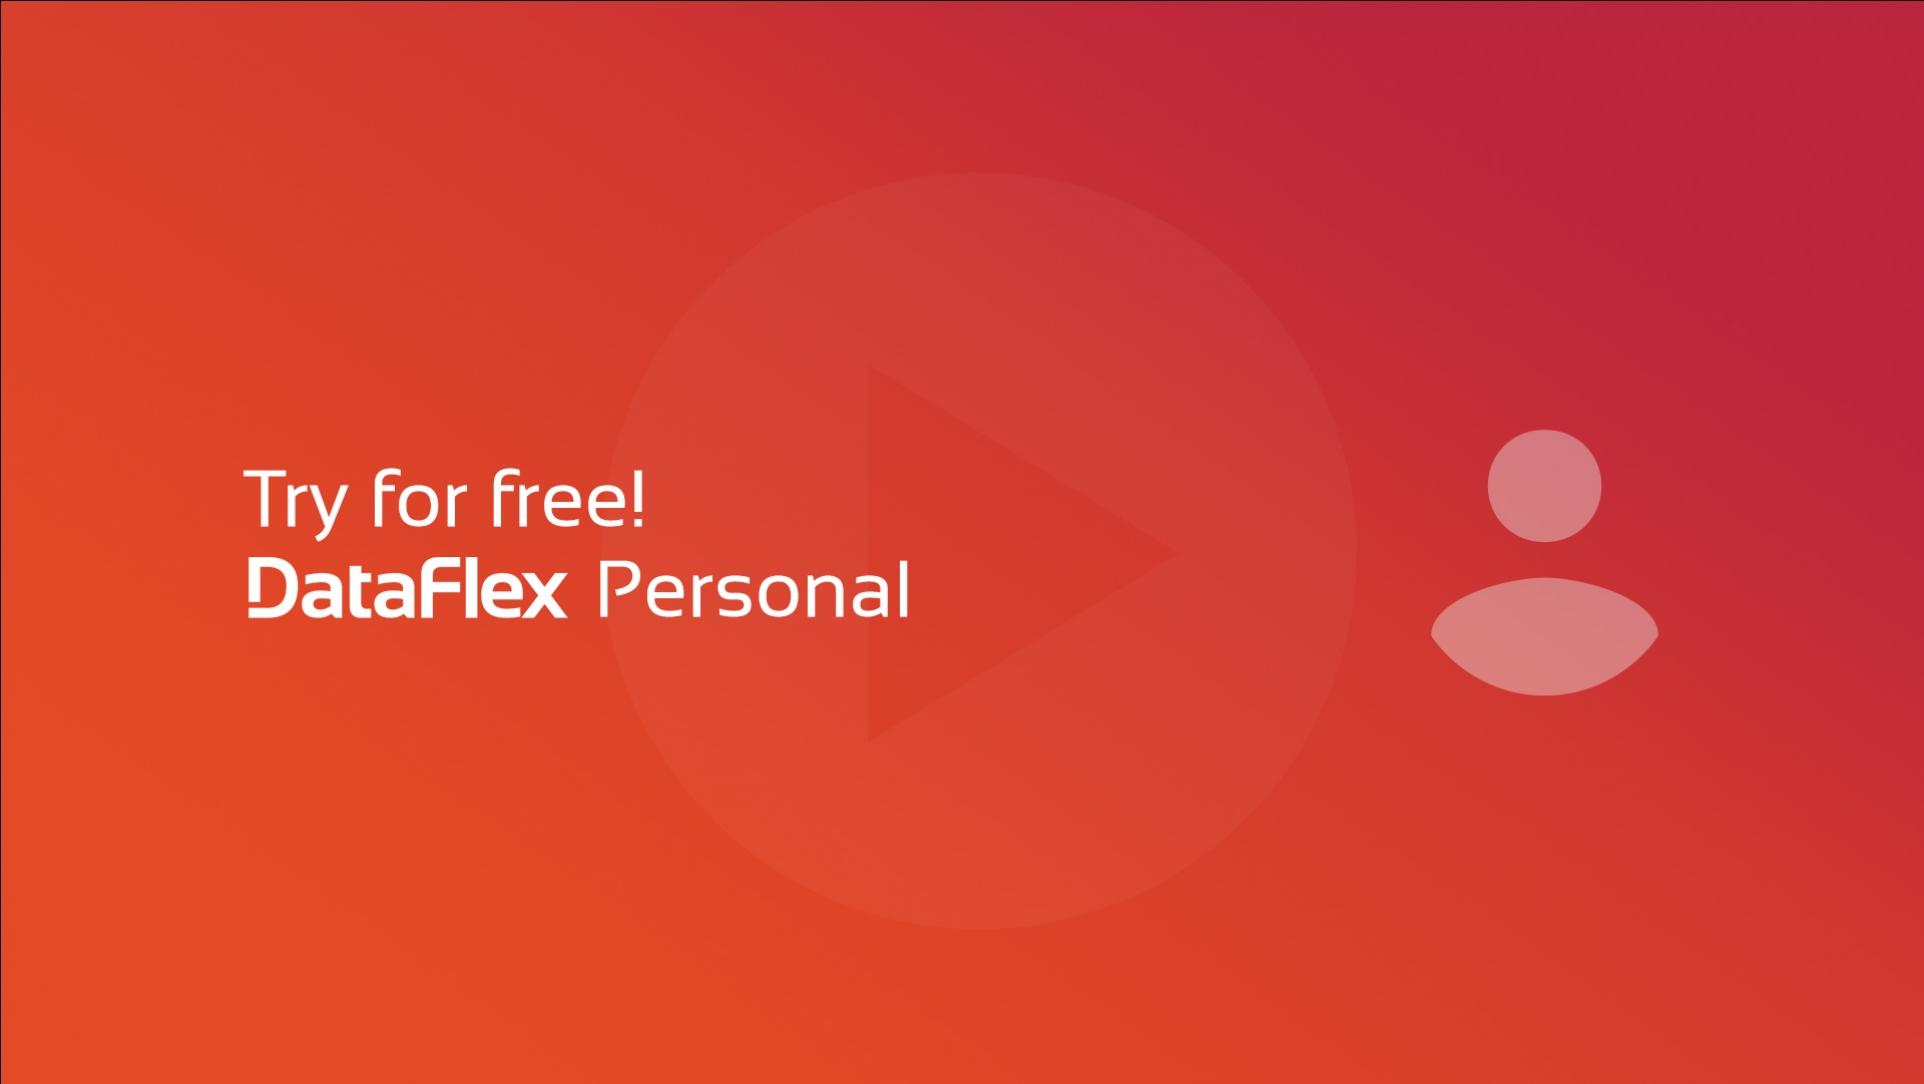 2019-12-02 DataFlex Personal OG